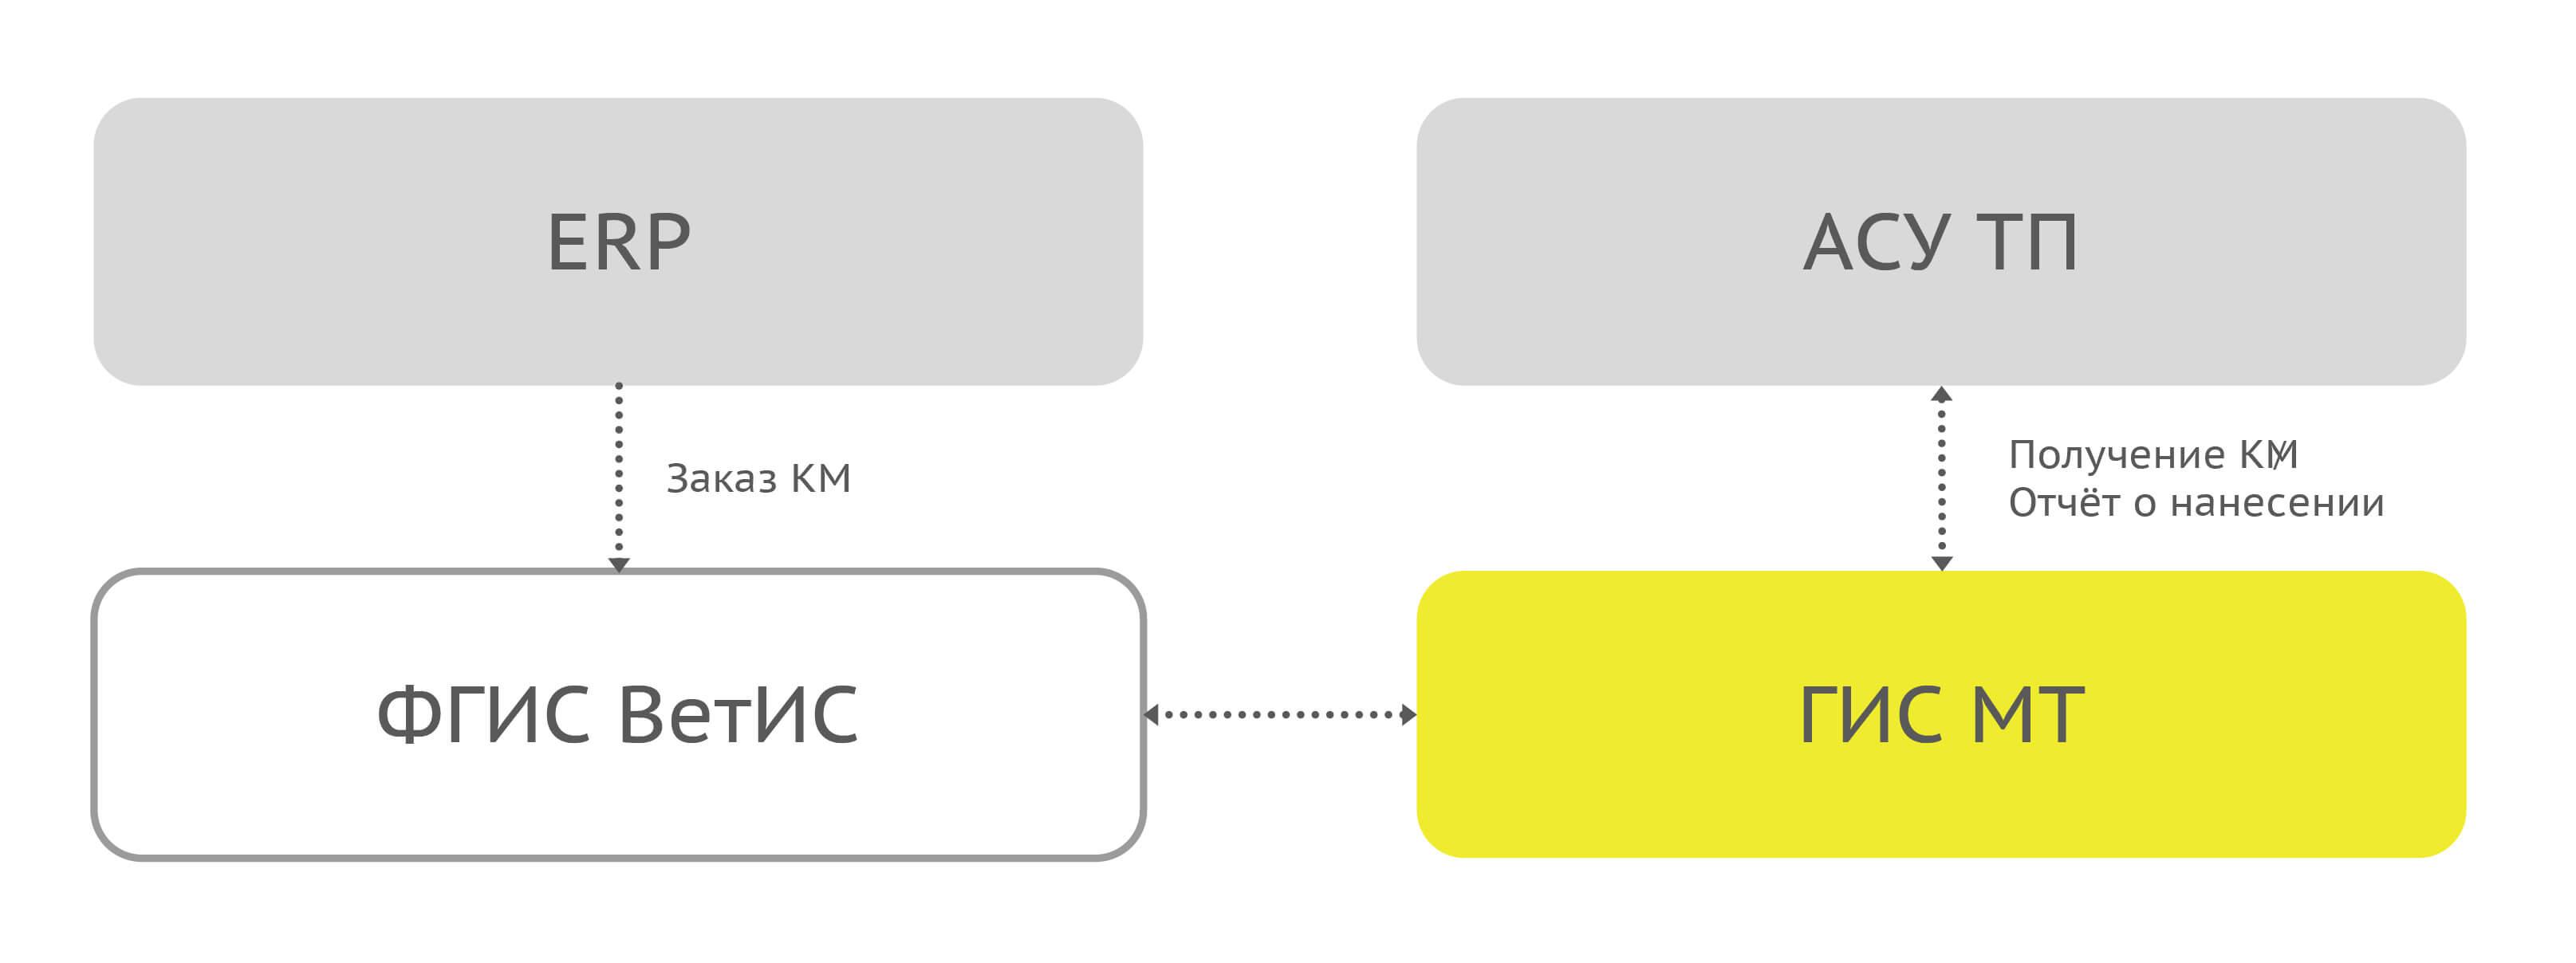 Схема_3.jpg